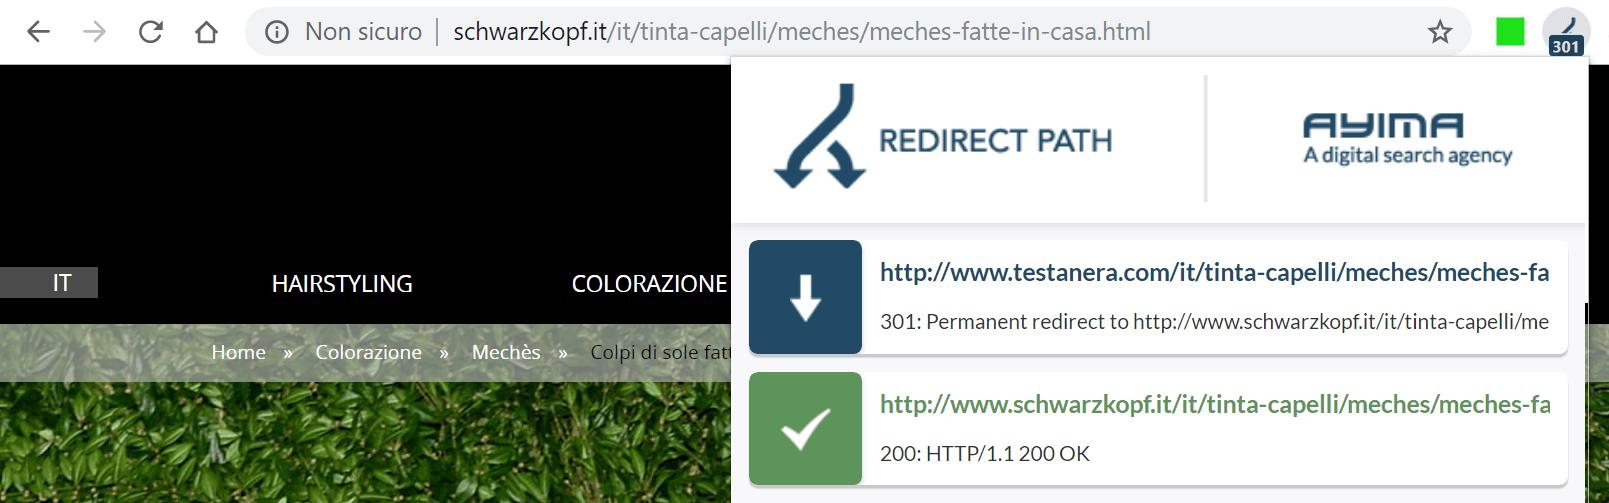 Il Plugin Ayima Redirect Path mostra i codici di stato di una pagina web